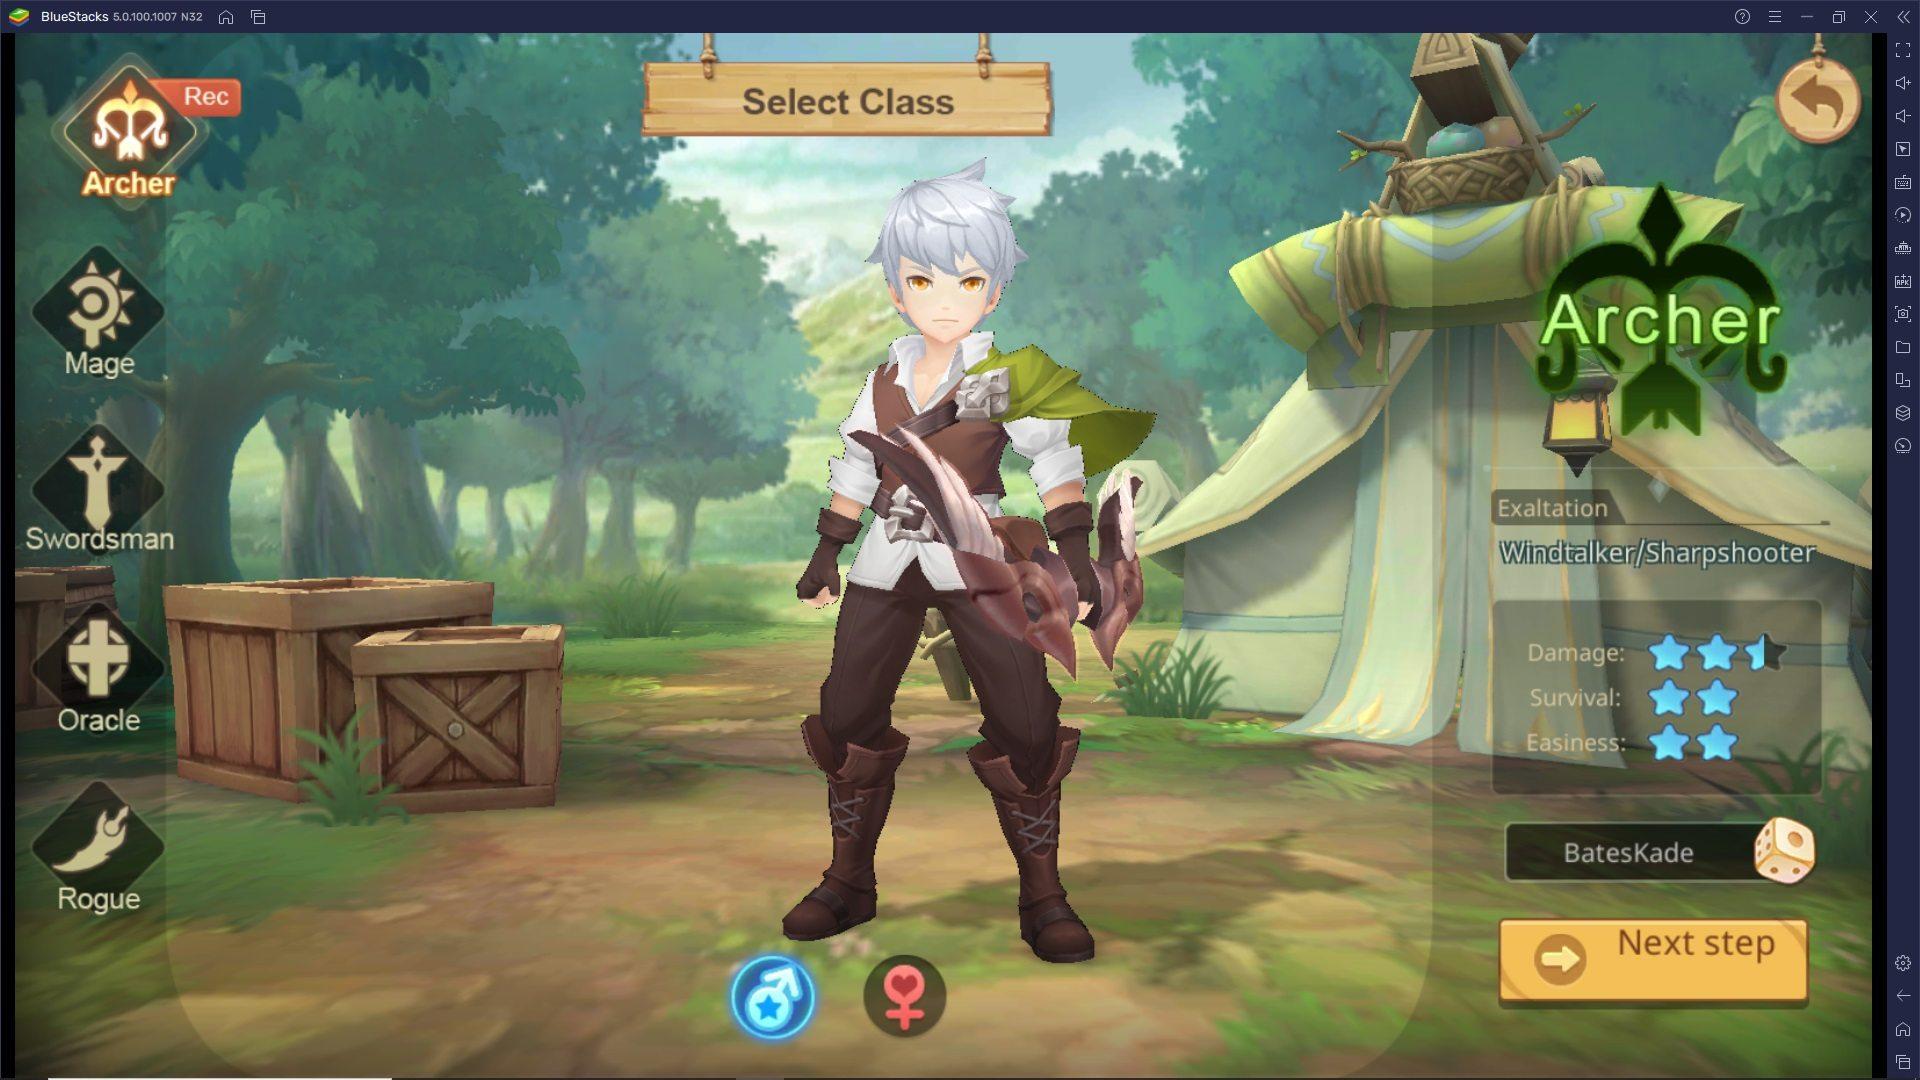 Introduzione alle Classi di Guardians of Cloudia